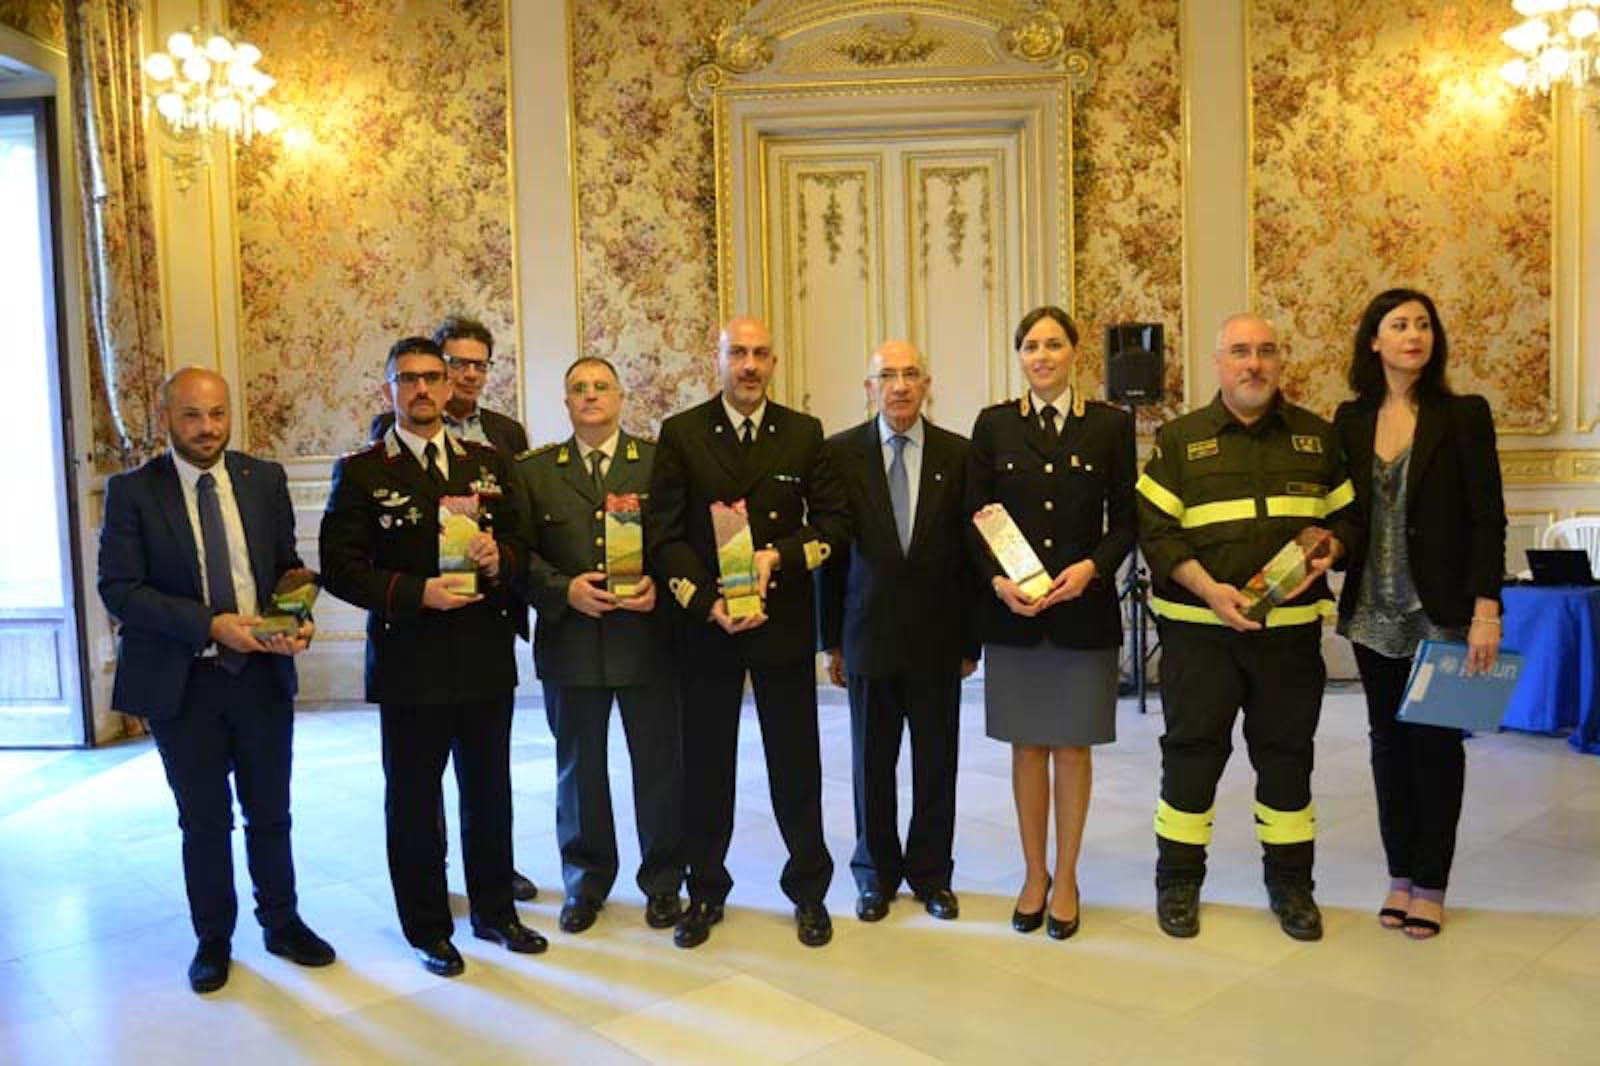 Una grande iniziativa a Catania a favore dei bambini in pericolo